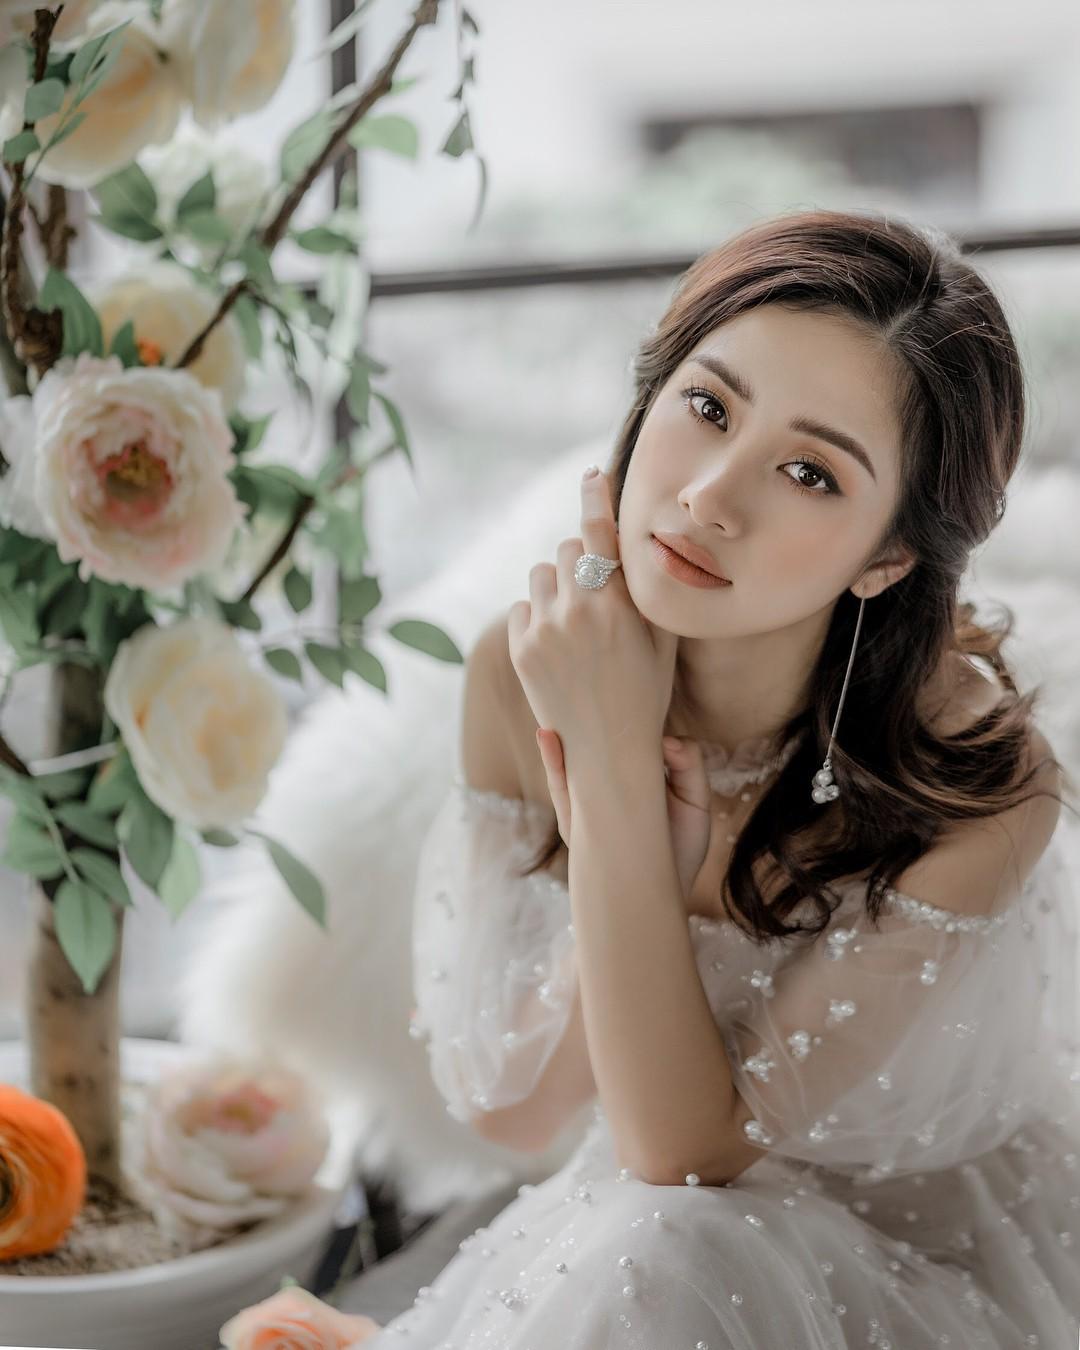 Jun Vũ: Hành trình xoá bỏ hình ảnh ngọc nữ để theo đuổi phong cách